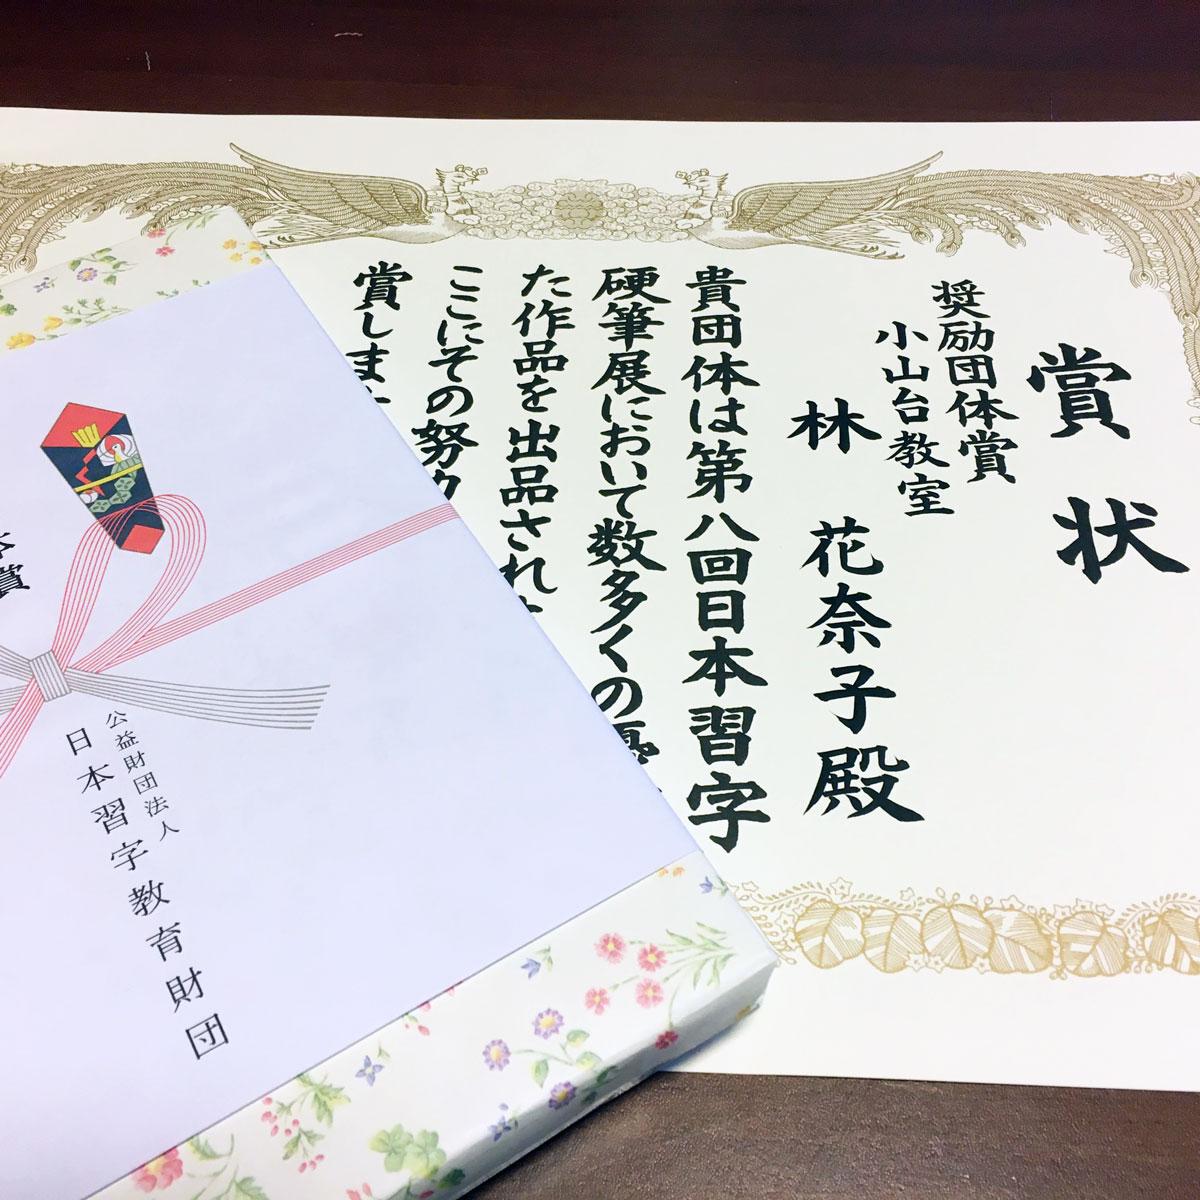 2020年 公募日本習字硬筆展